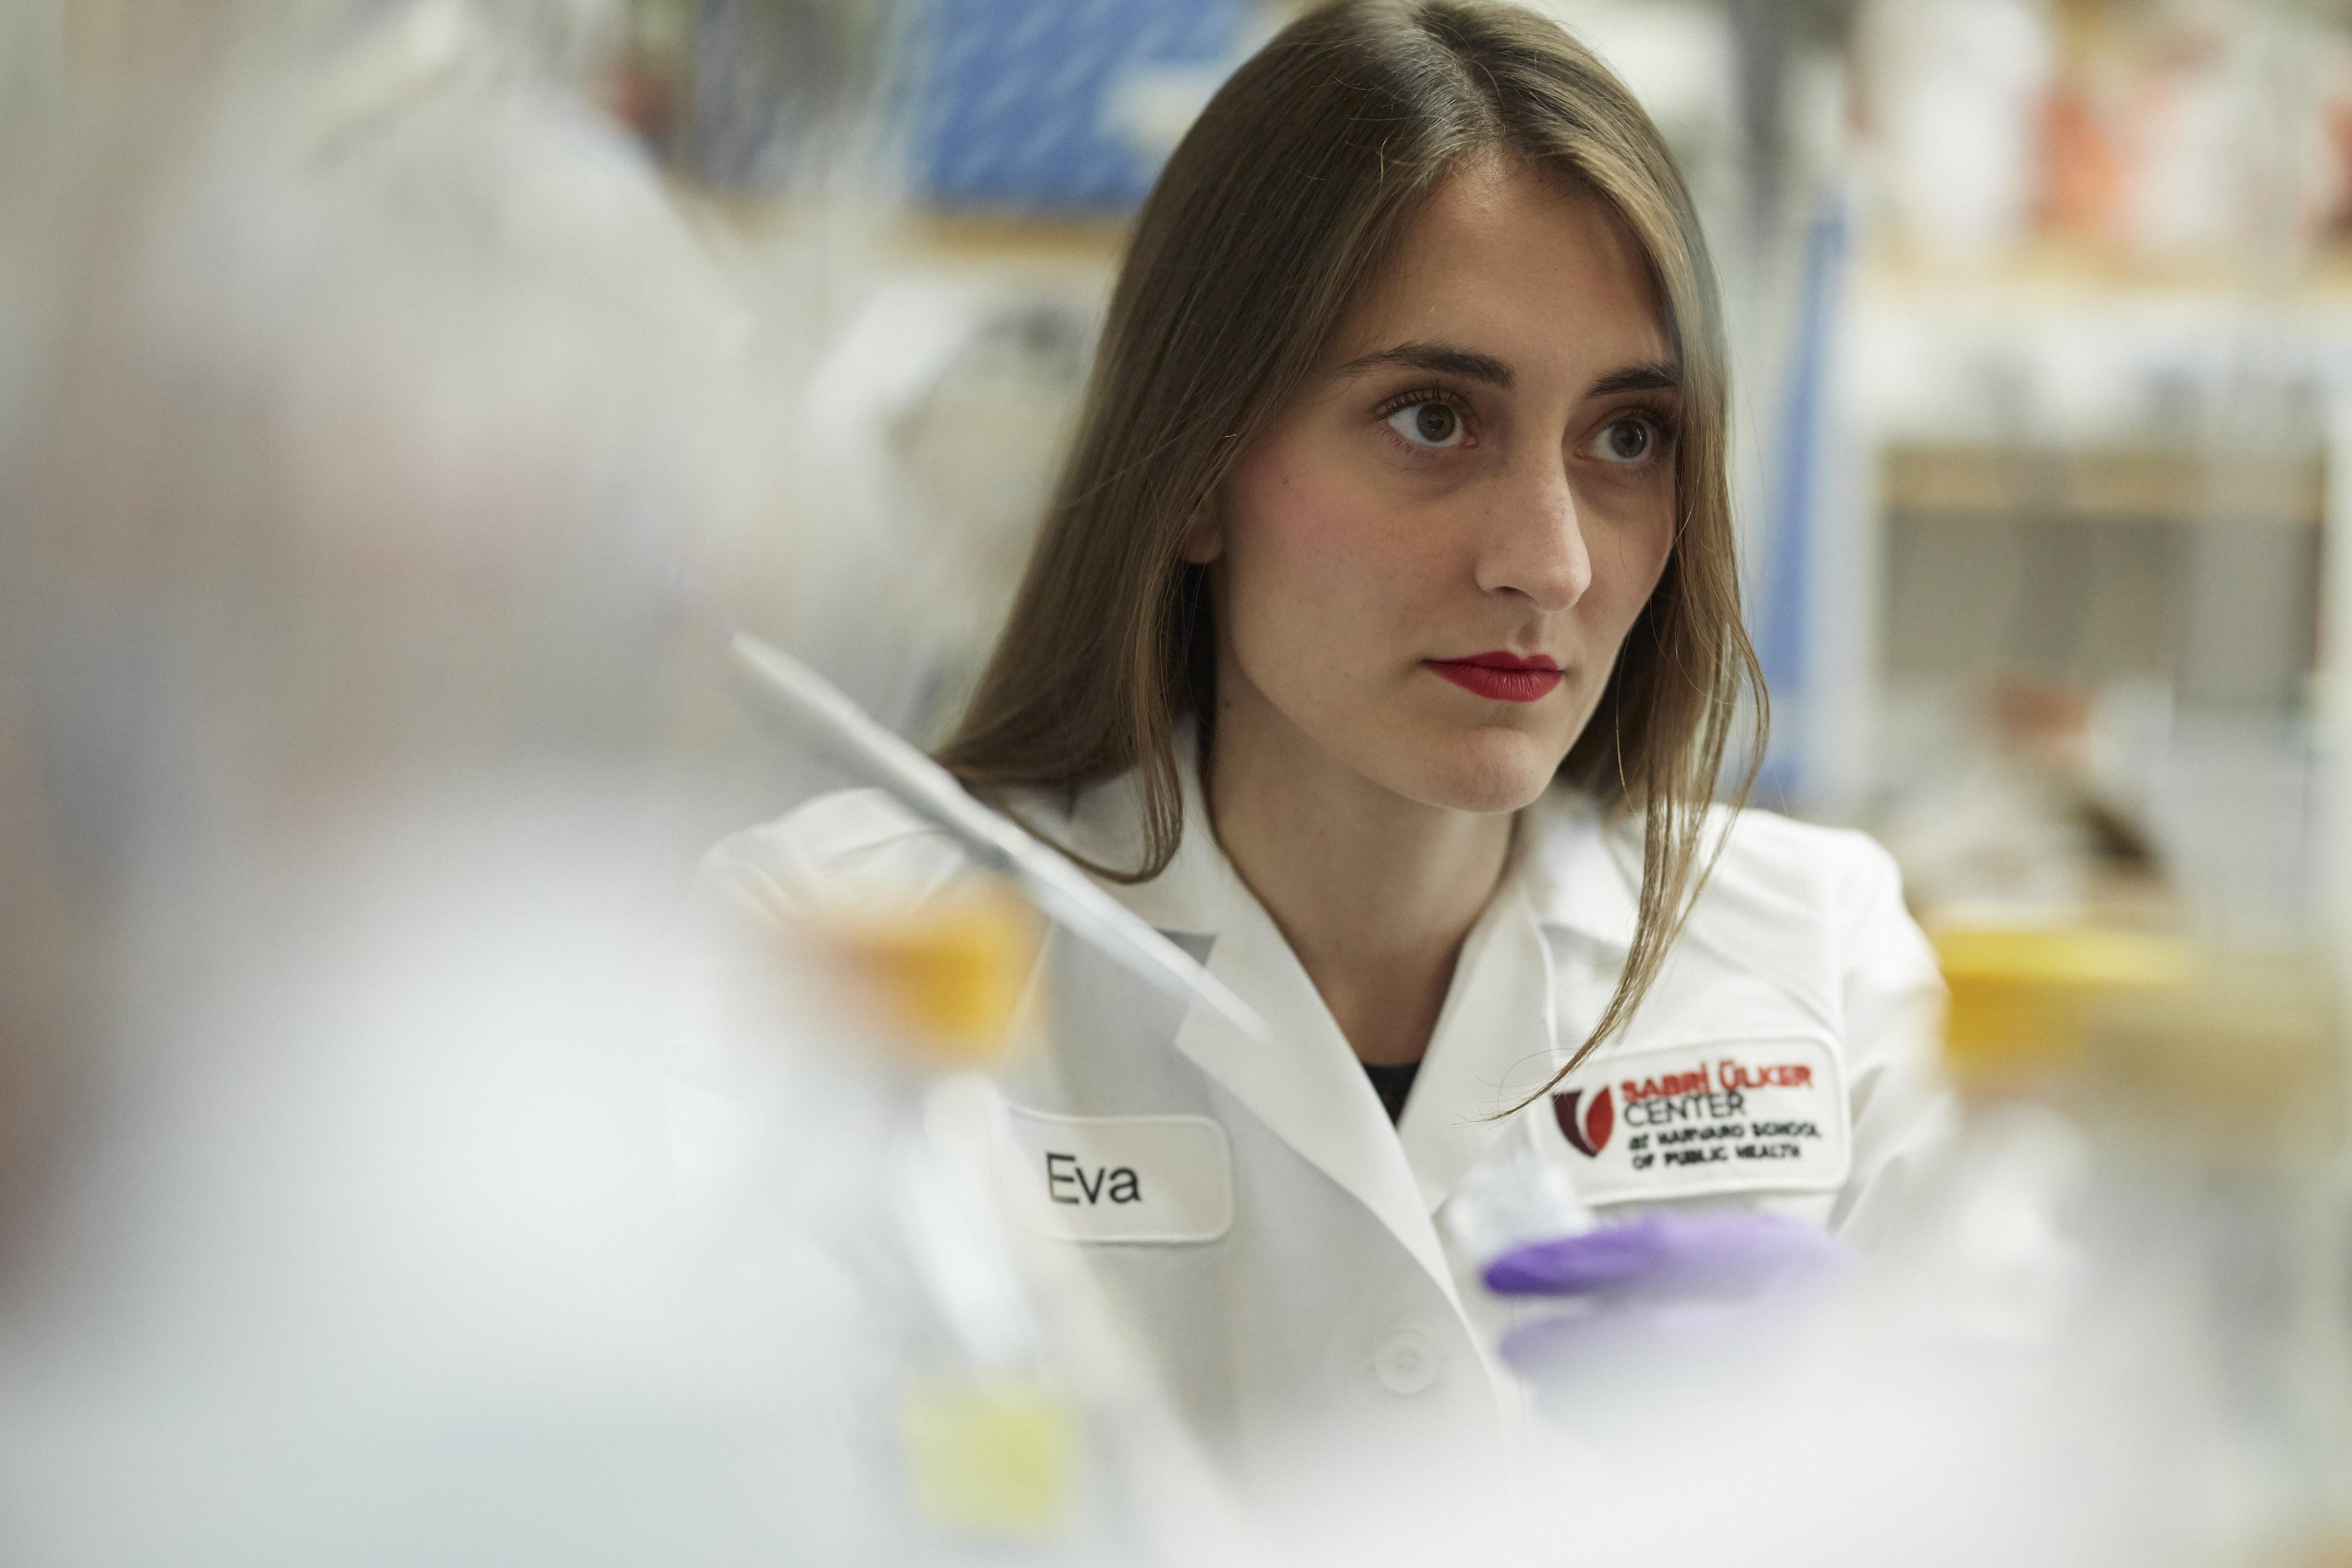 Dr. Eva Tsaousidou